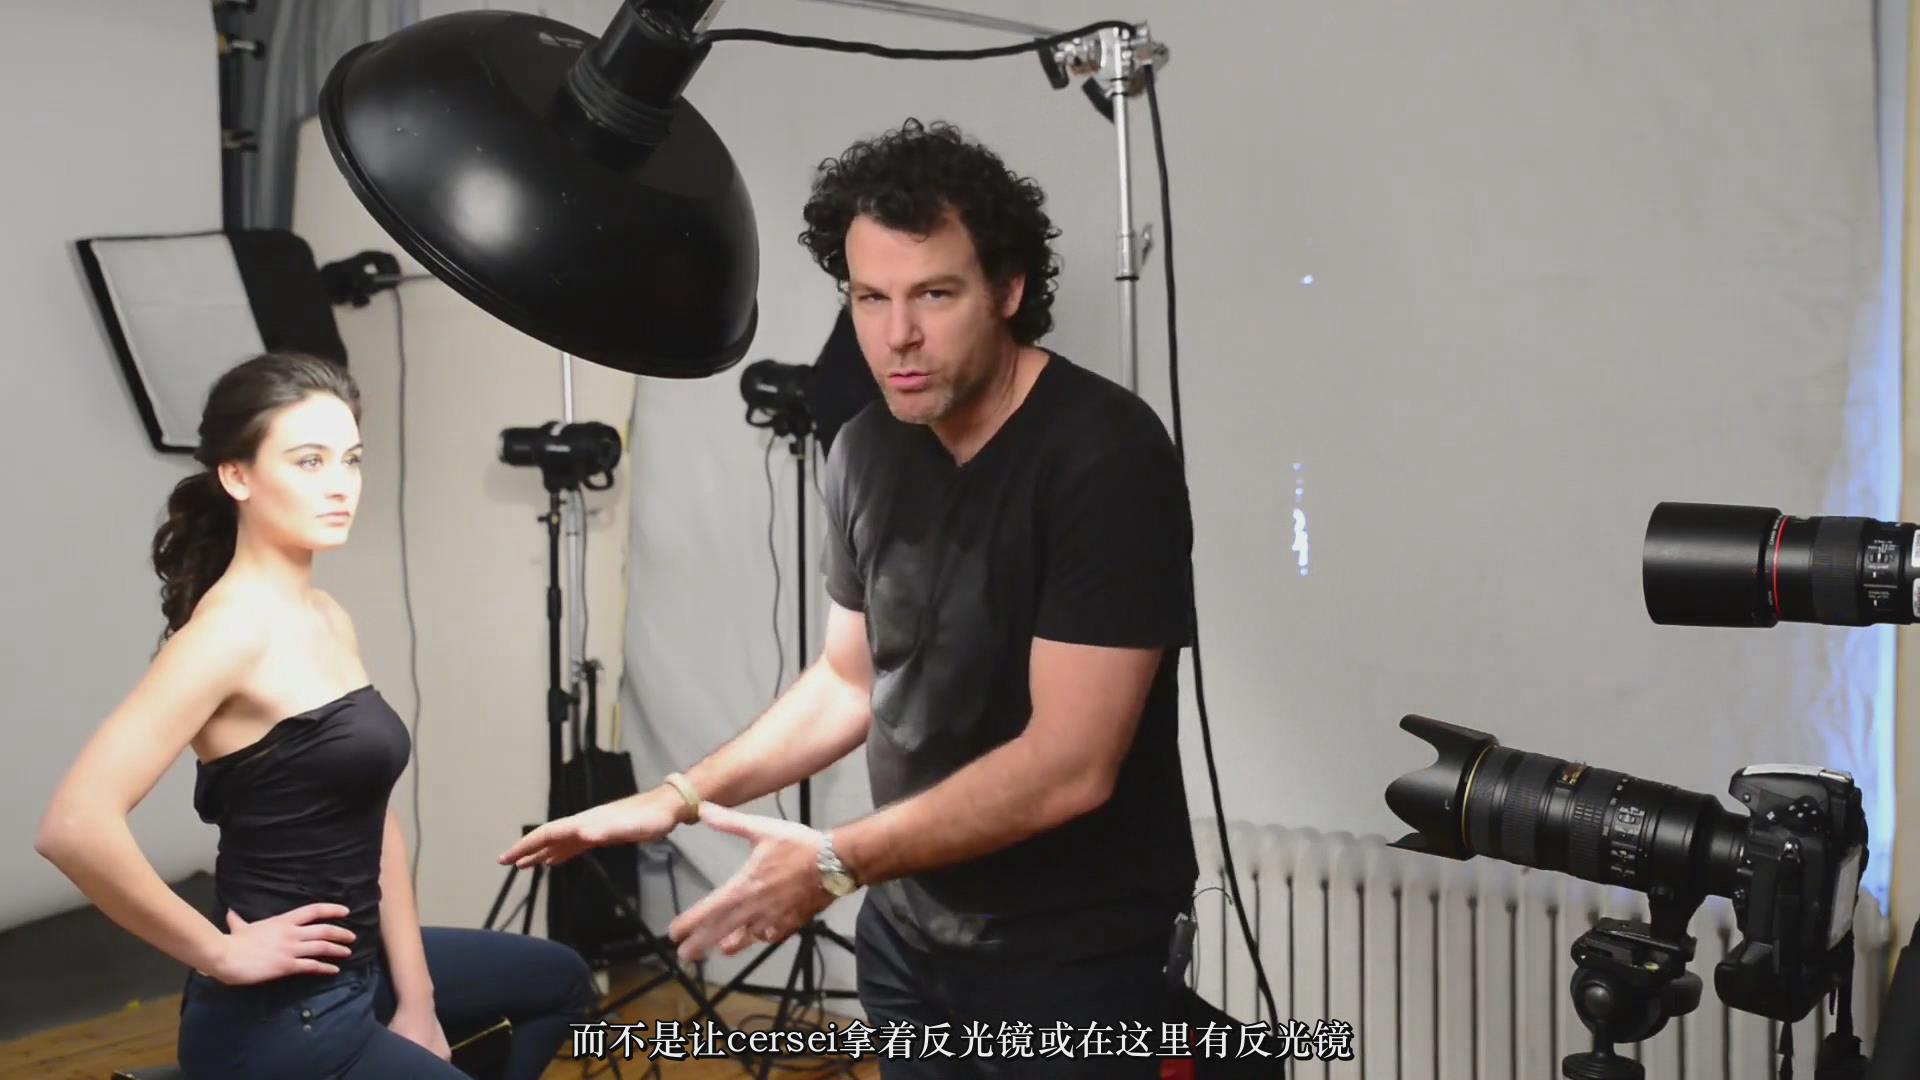 摄影教程_Fstoppers-彼得·赫利(Peter Hurley)完美头像人像面部布光教程-中文字幕 摄影教程 _预览图15